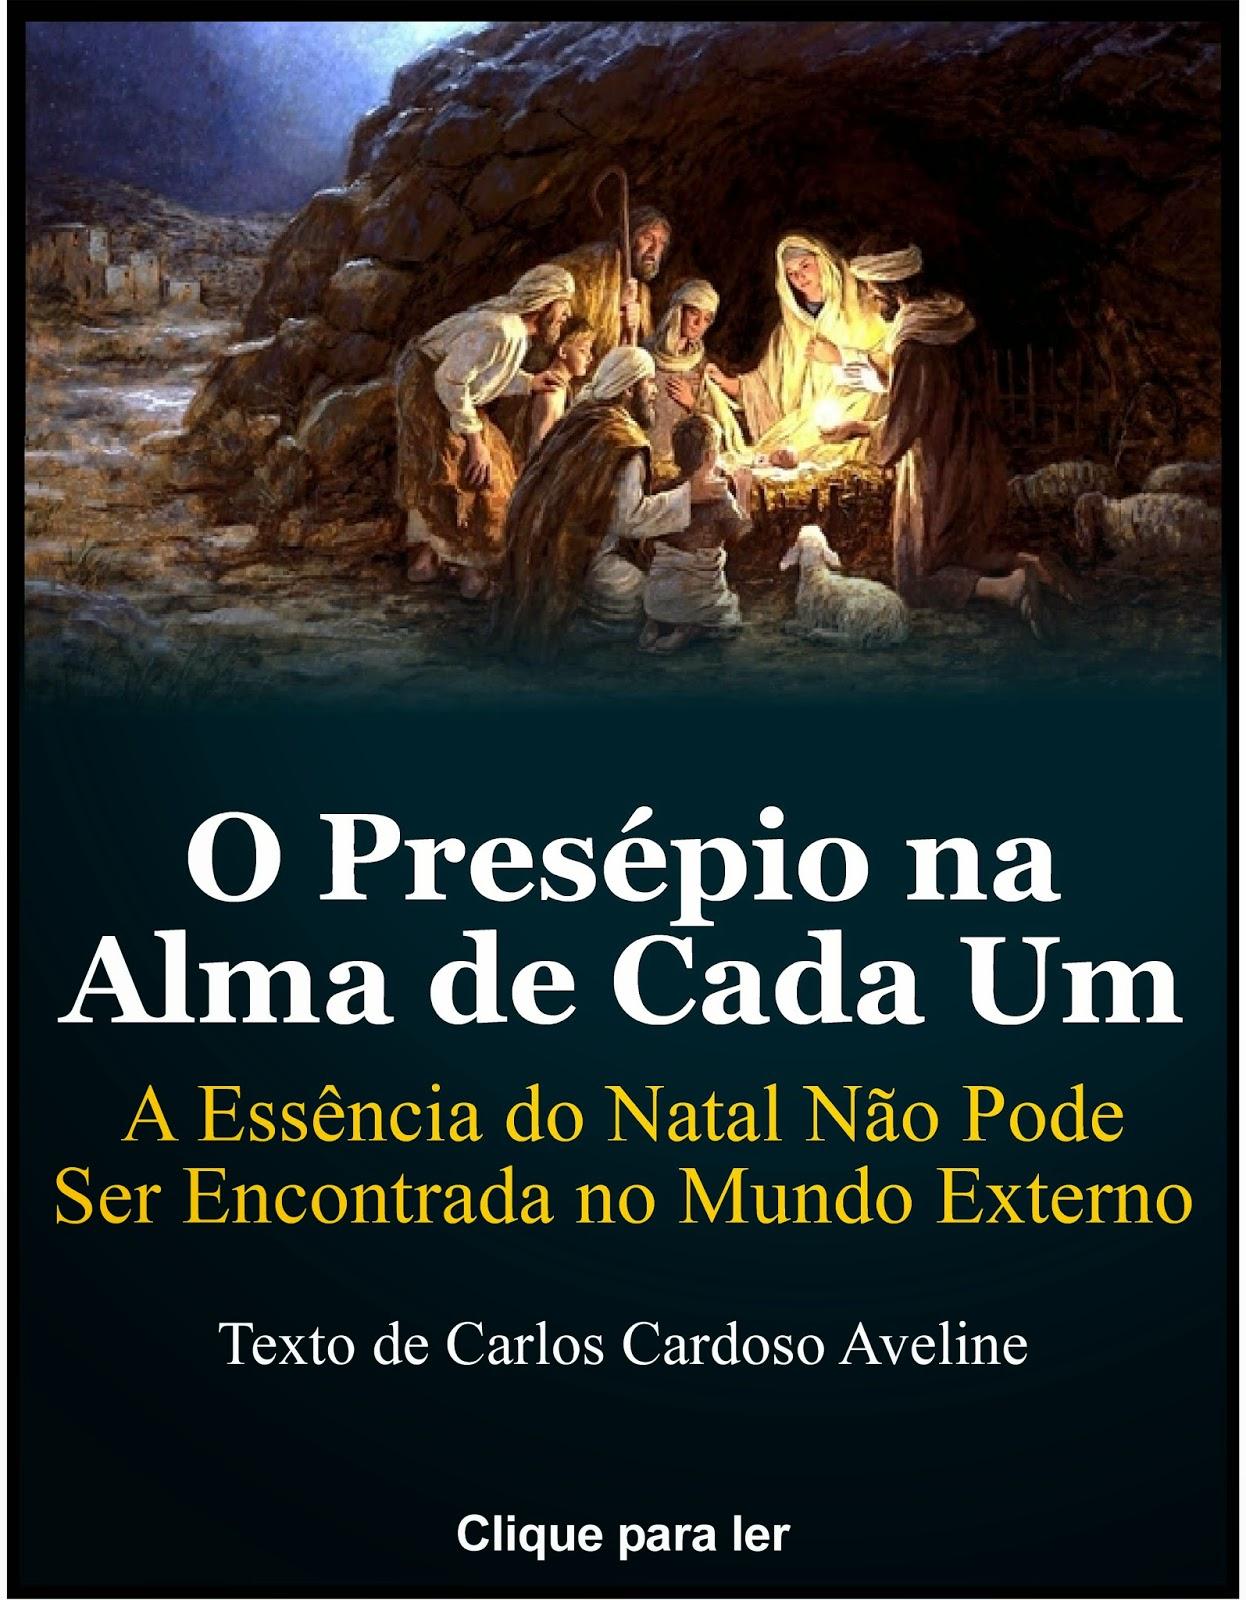 http://www.vislumbresdaoutramargem.com/2013/12/o-presepio-na-alma-de-cada-um.html